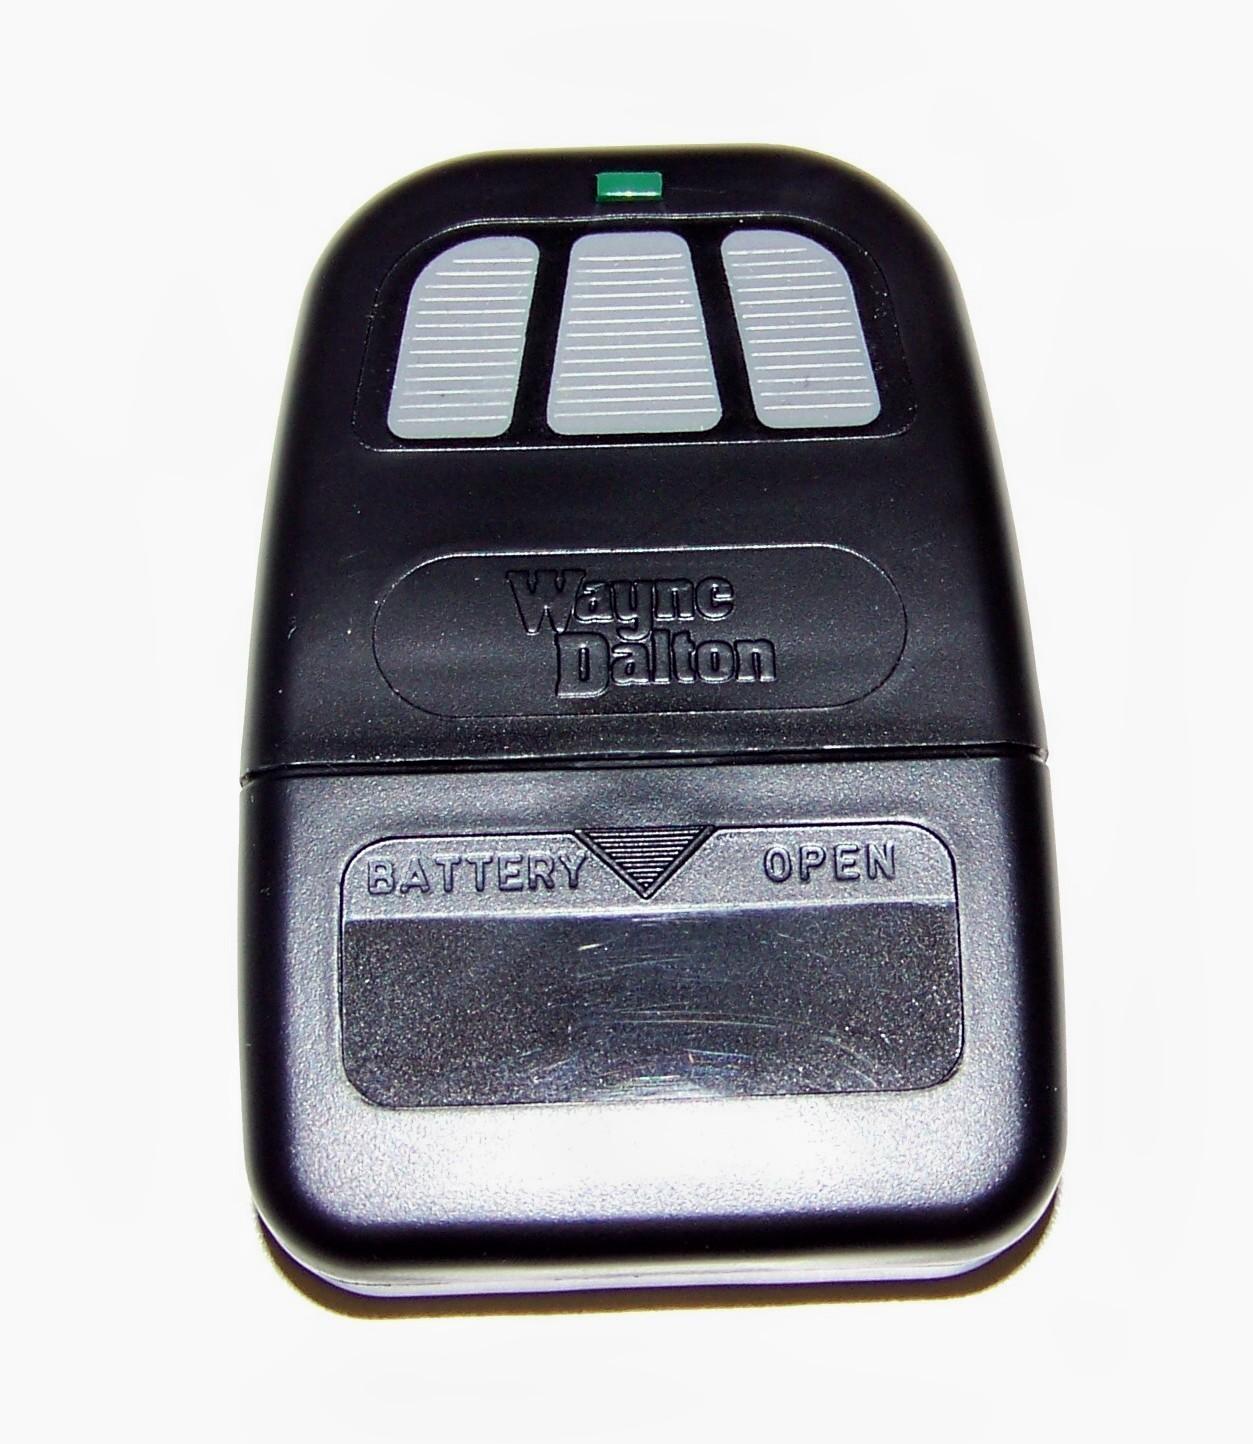 Wayne Dalton Remote